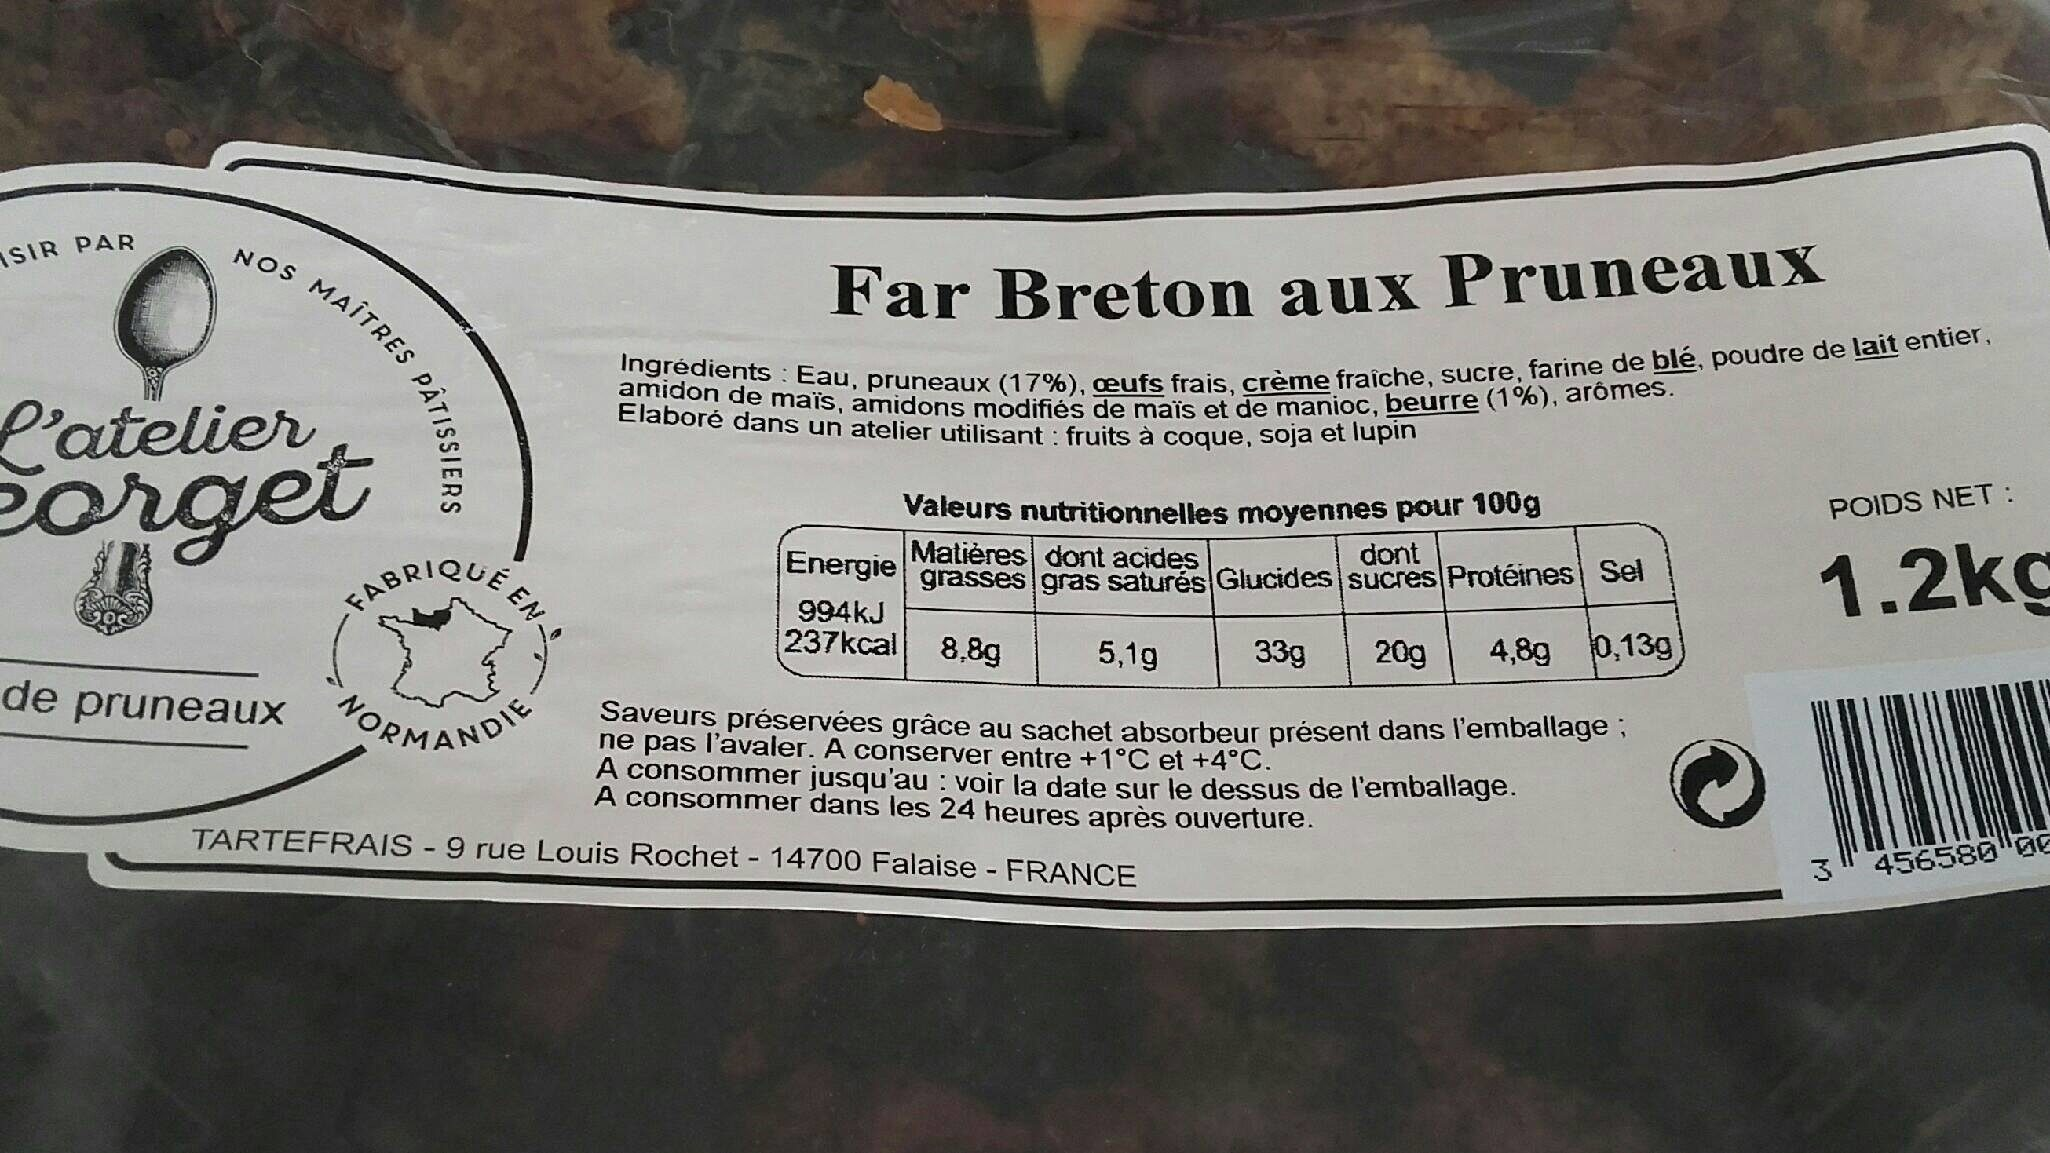 Far Breton - Product